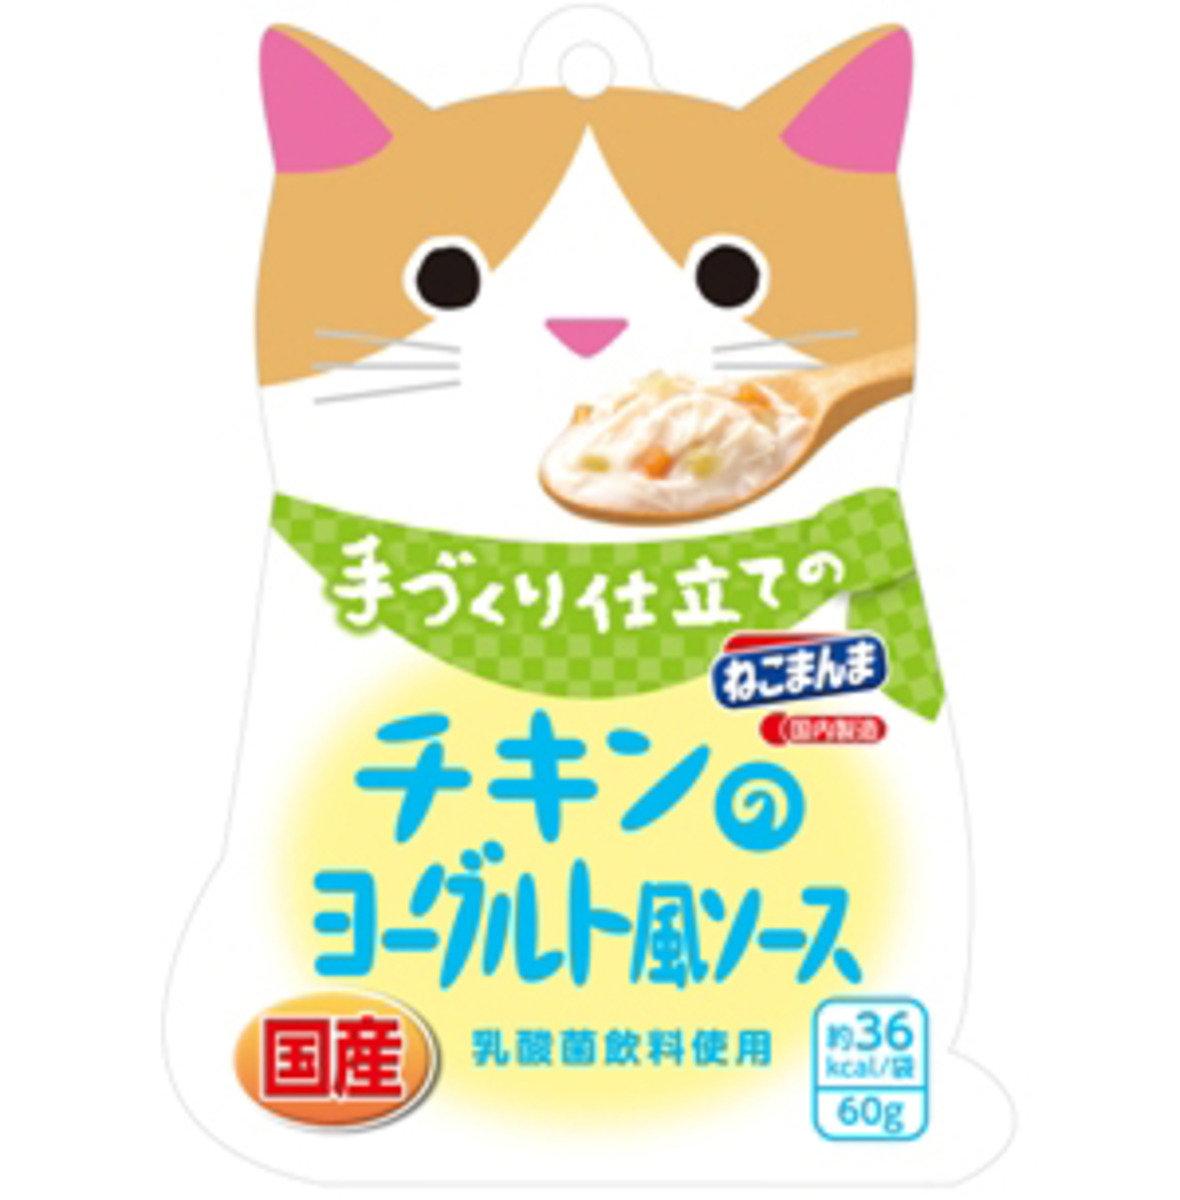 日本Hagoromo雞肉乳酸菌扇貝濕糧 60g